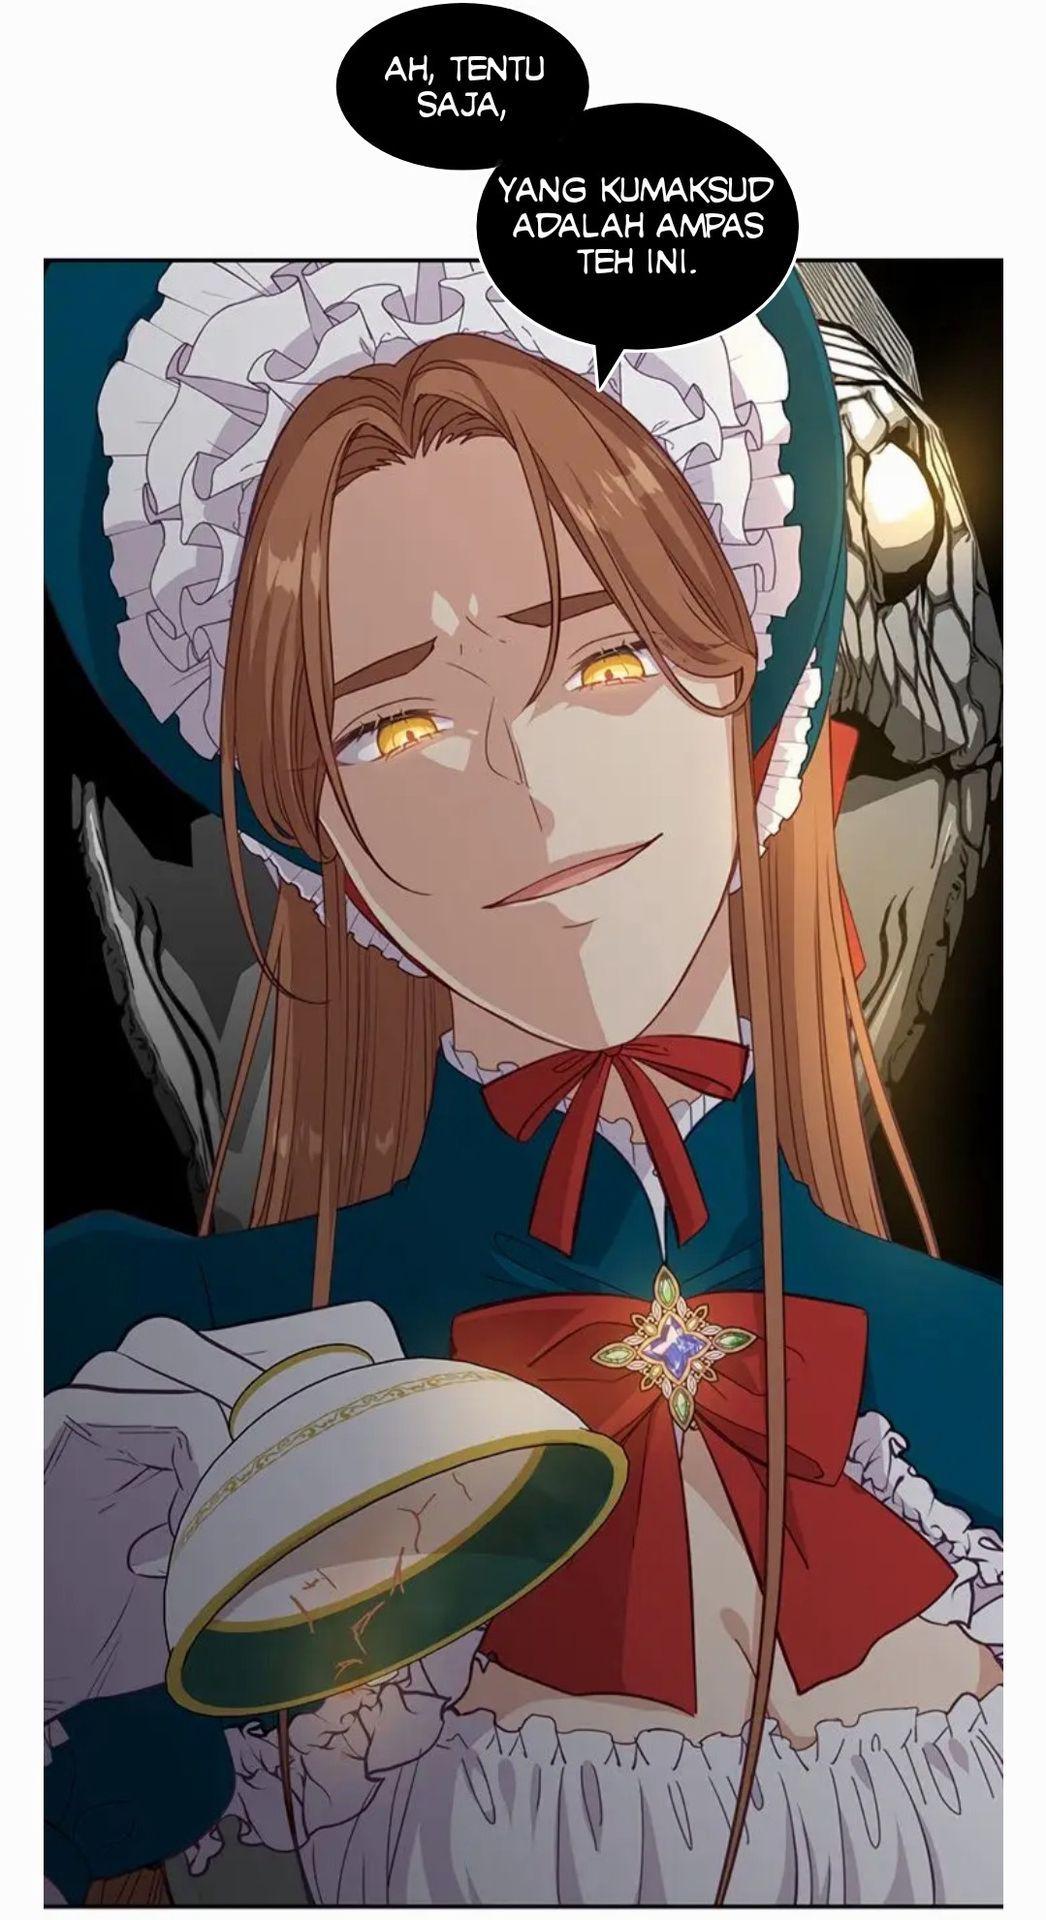 Mencoba Mentranslate Sebuah Manhwa Yang Menurutku Lucu Kesempatan Fantasi Fantasi Amreading Books Wattpad Manhva Manga Anime